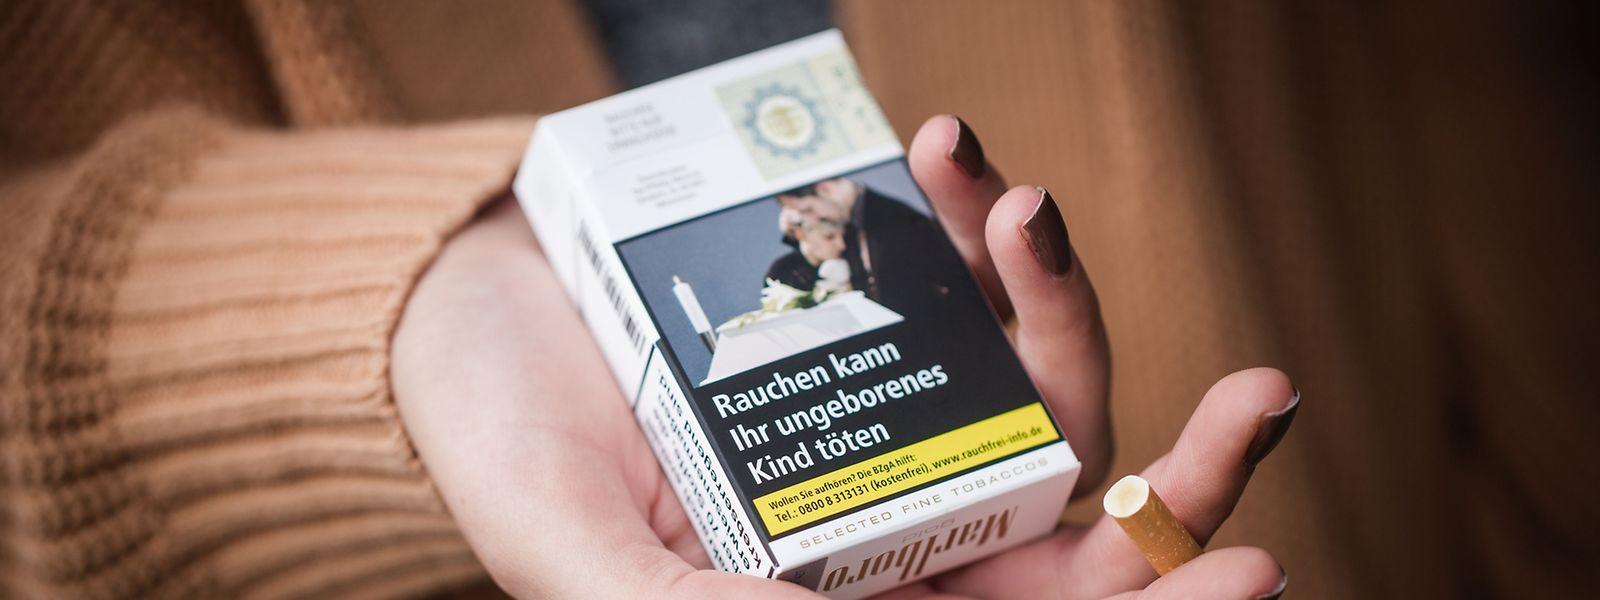 Gruselige Fotos auf Tabakwaren drücken den Absatz und sorgen für geringere Steuereinnahmen – das deuteten kürzlich Berichte in deutschen Medien an.